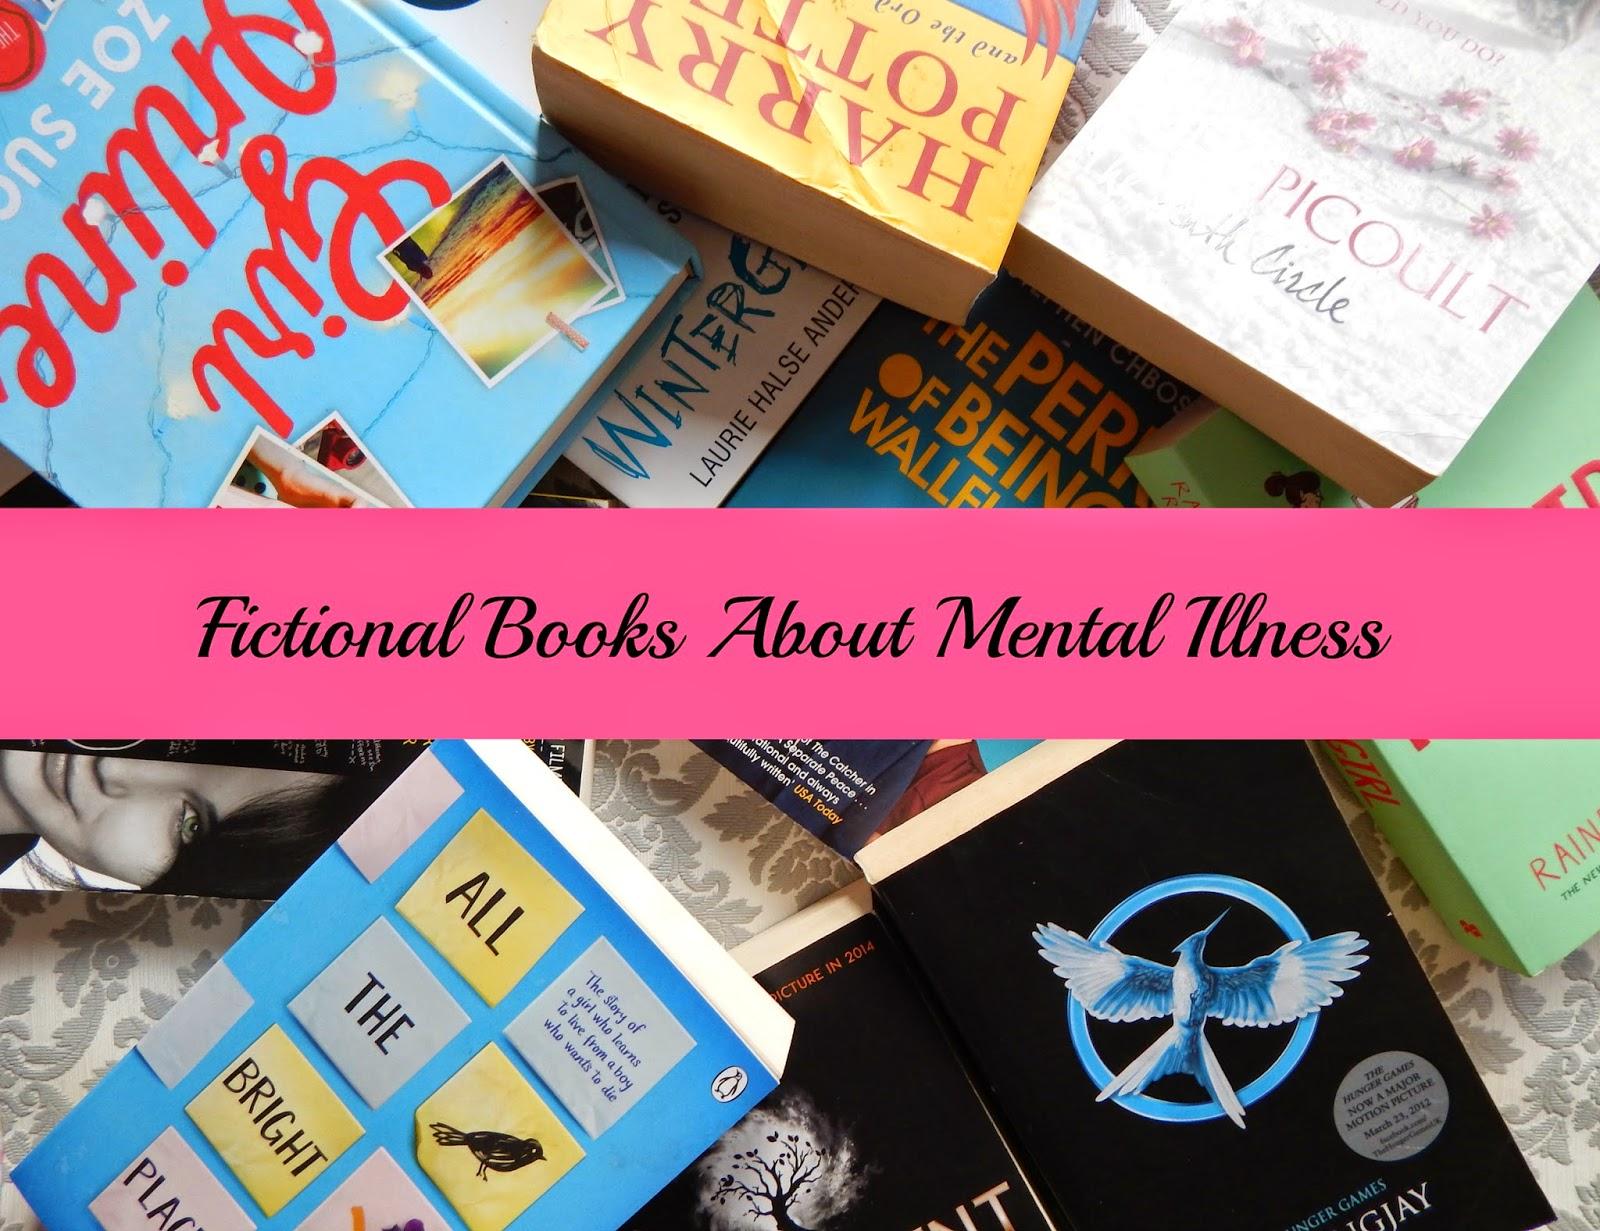 Write a fictional book